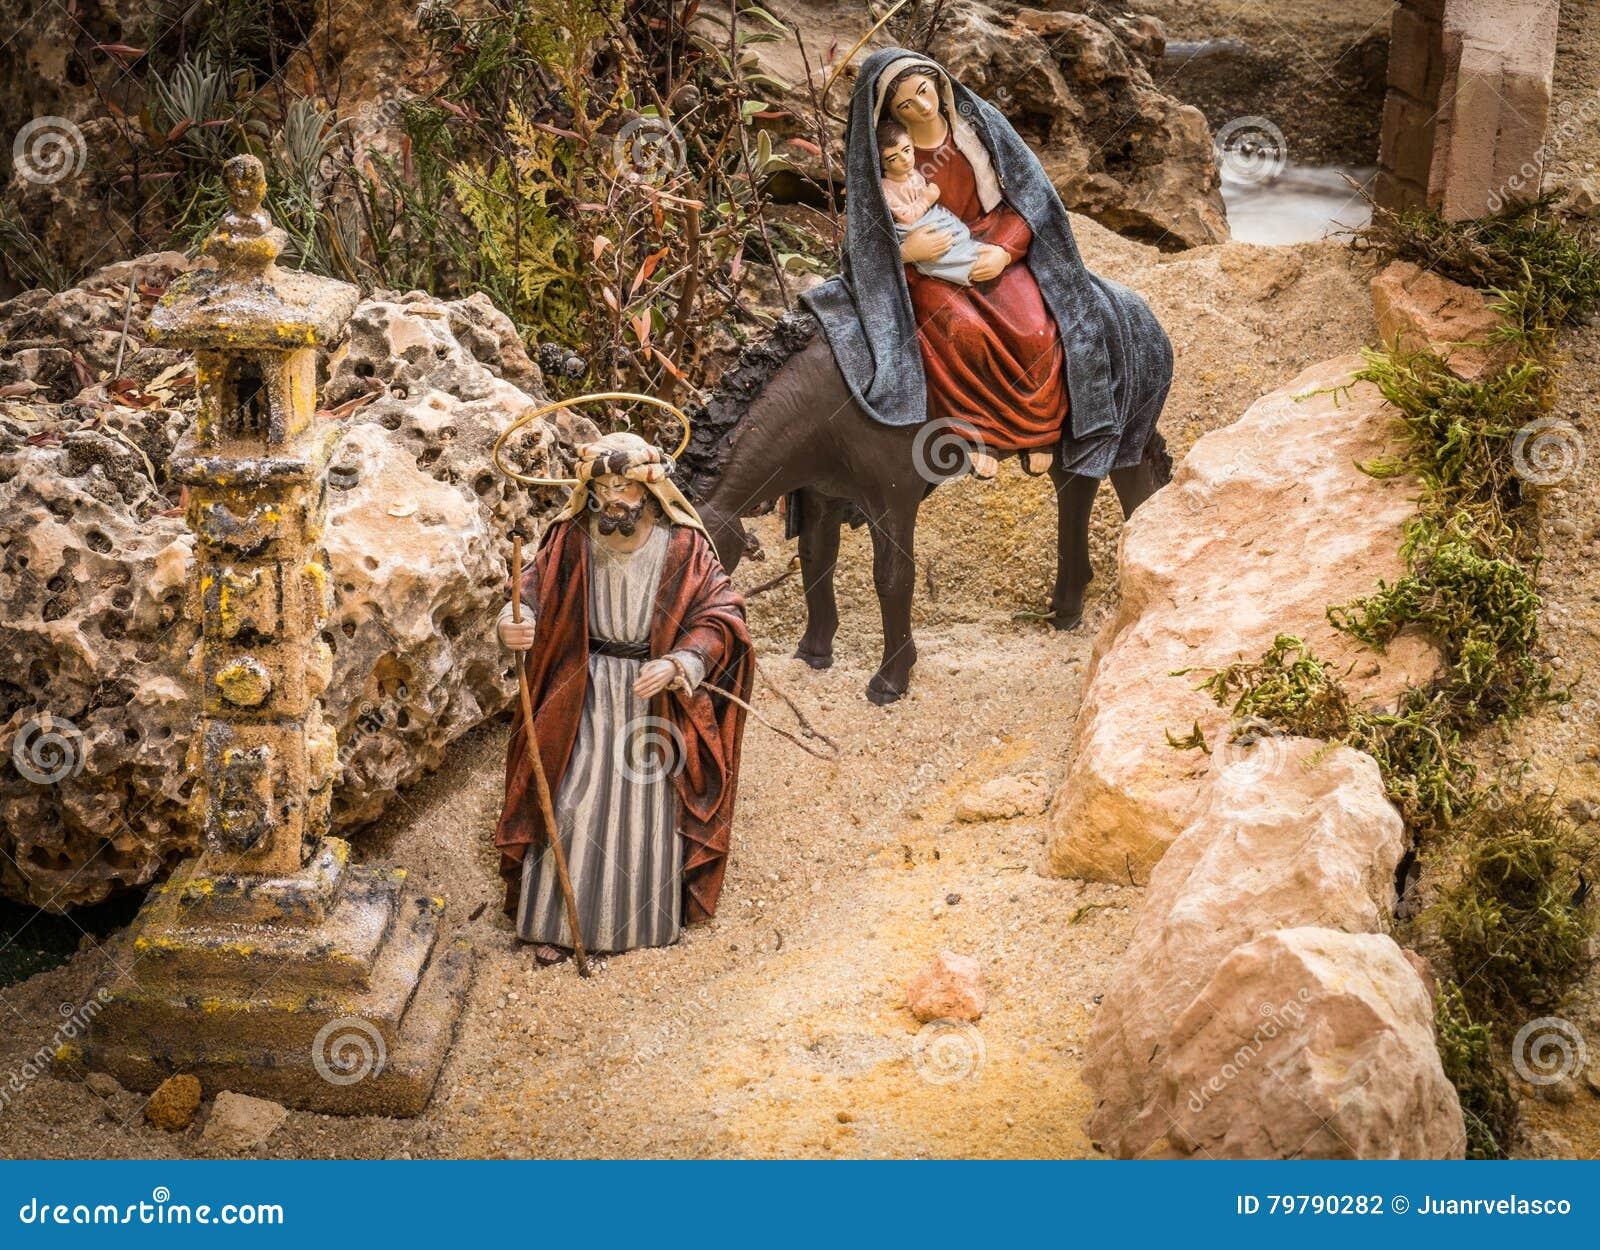 约瑟夫和玛丽